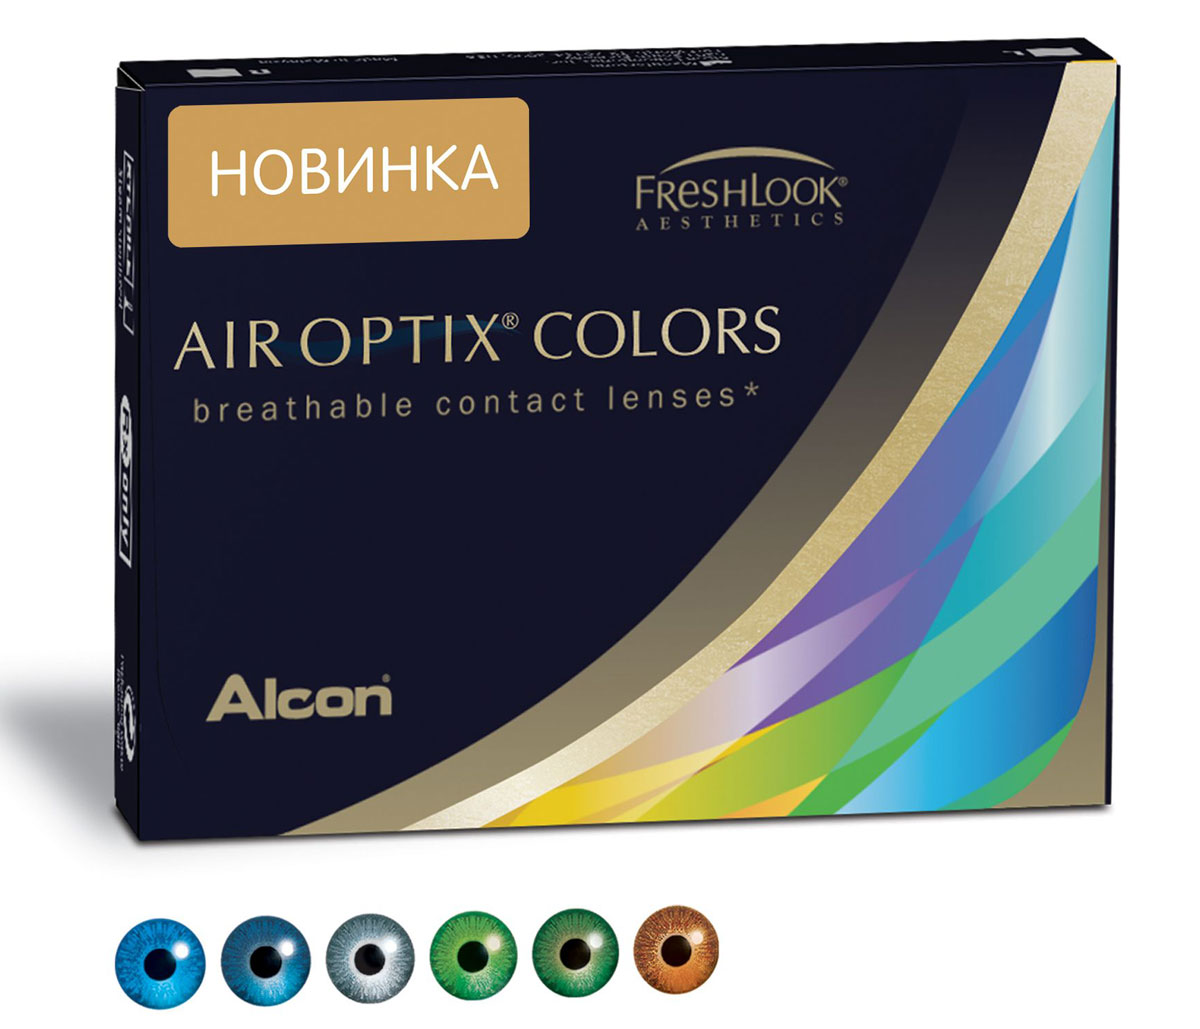 Аlcon контактные линзы Air Optix Colors 2 шт -5.00 GreenФМ000002049Мягкие контактные линзыКонтактные линзы или очки: советы офтальмологов. Статья OZON Гид